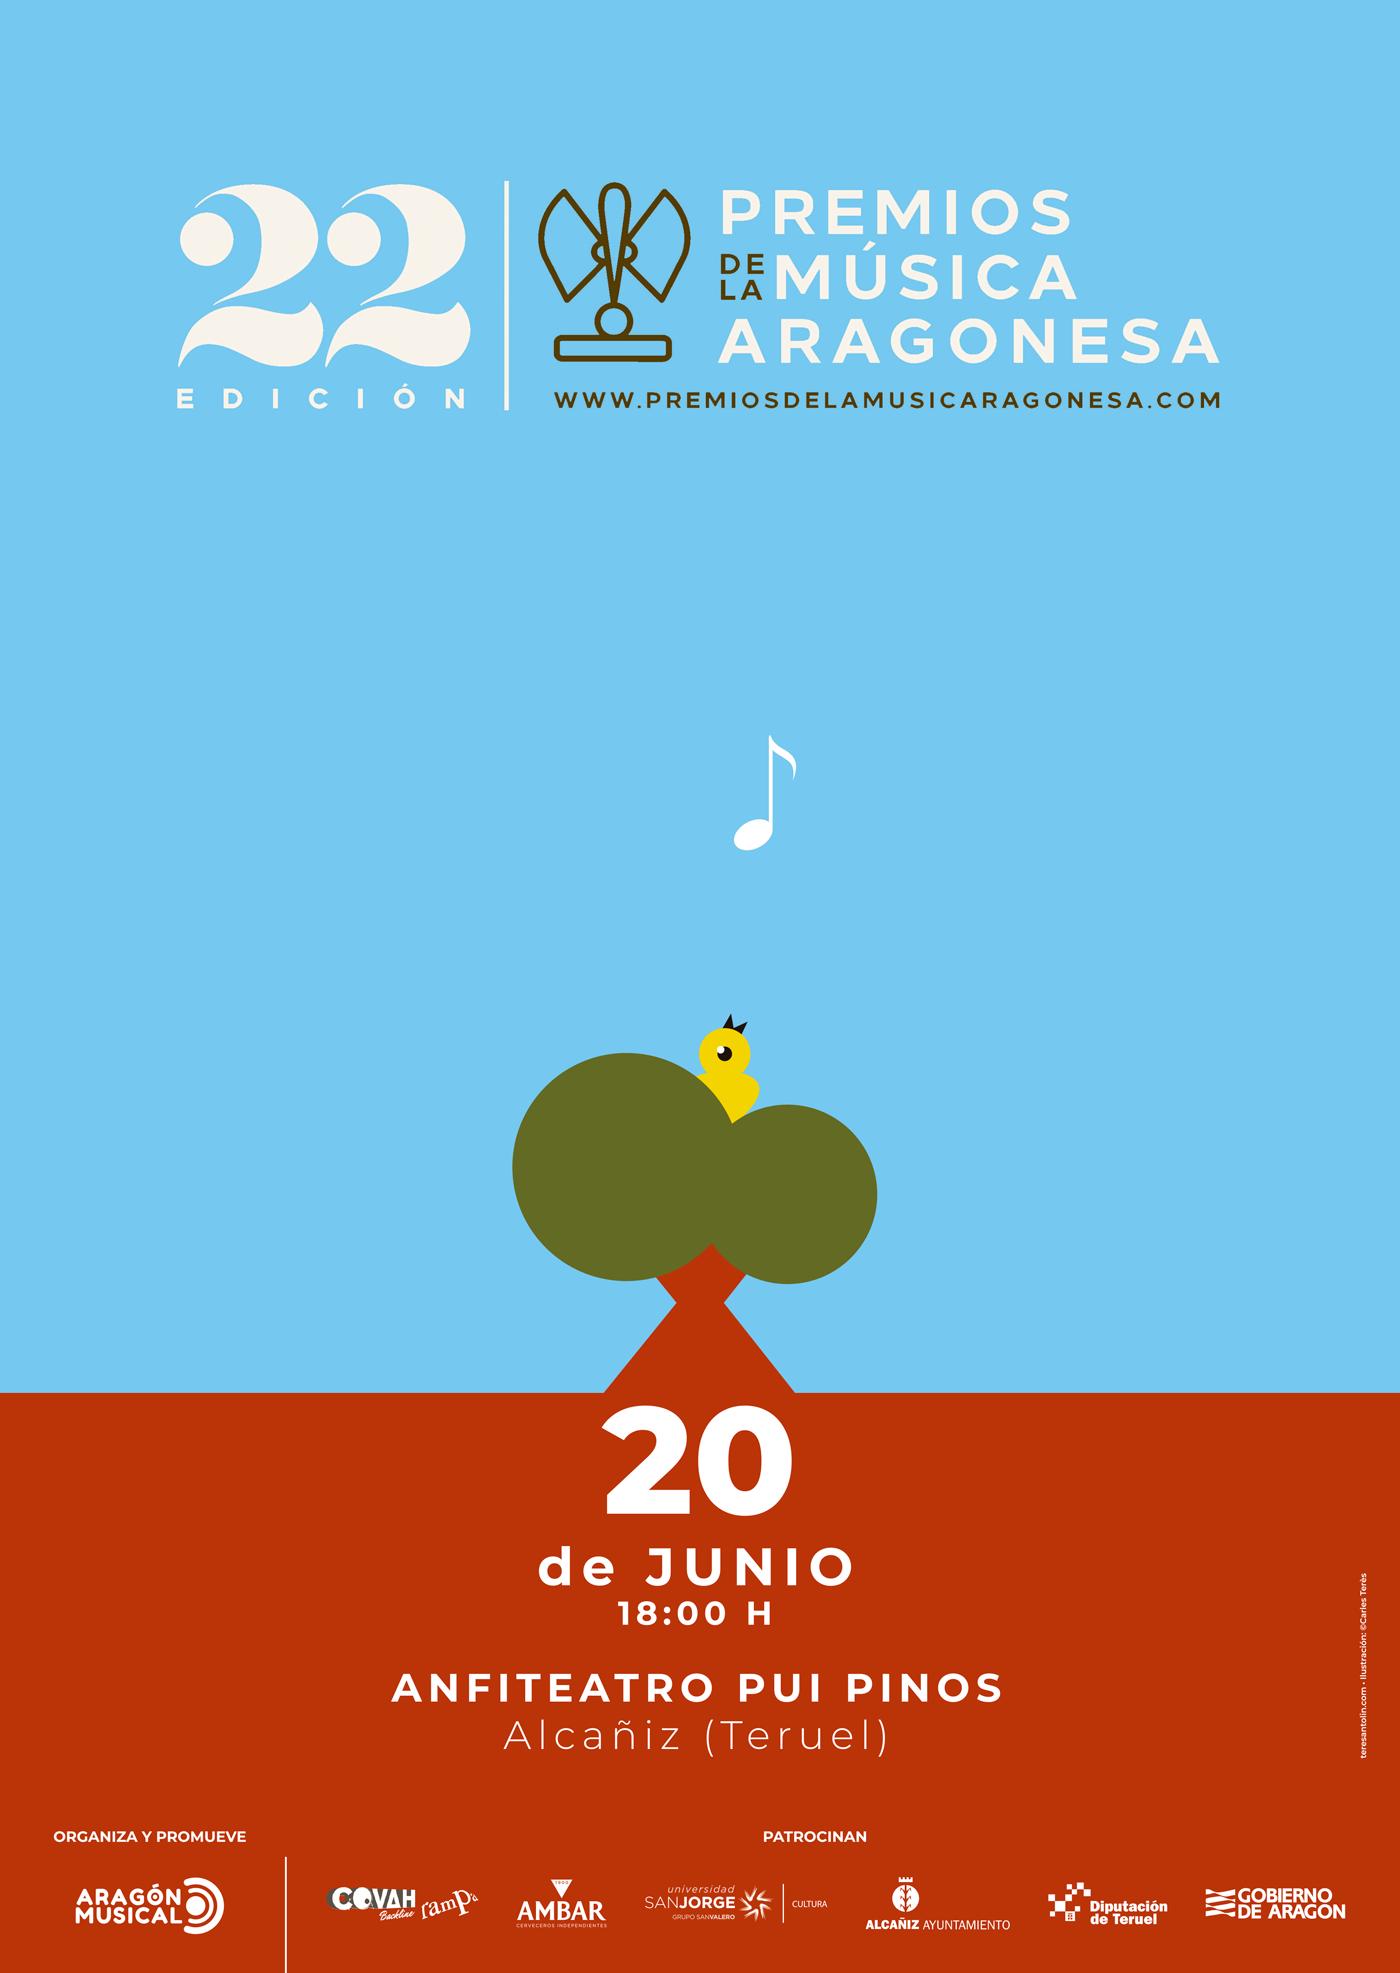 Cartel oficial de los 22º Premios de la Música Aragonesa. Por Terès&Antolín.